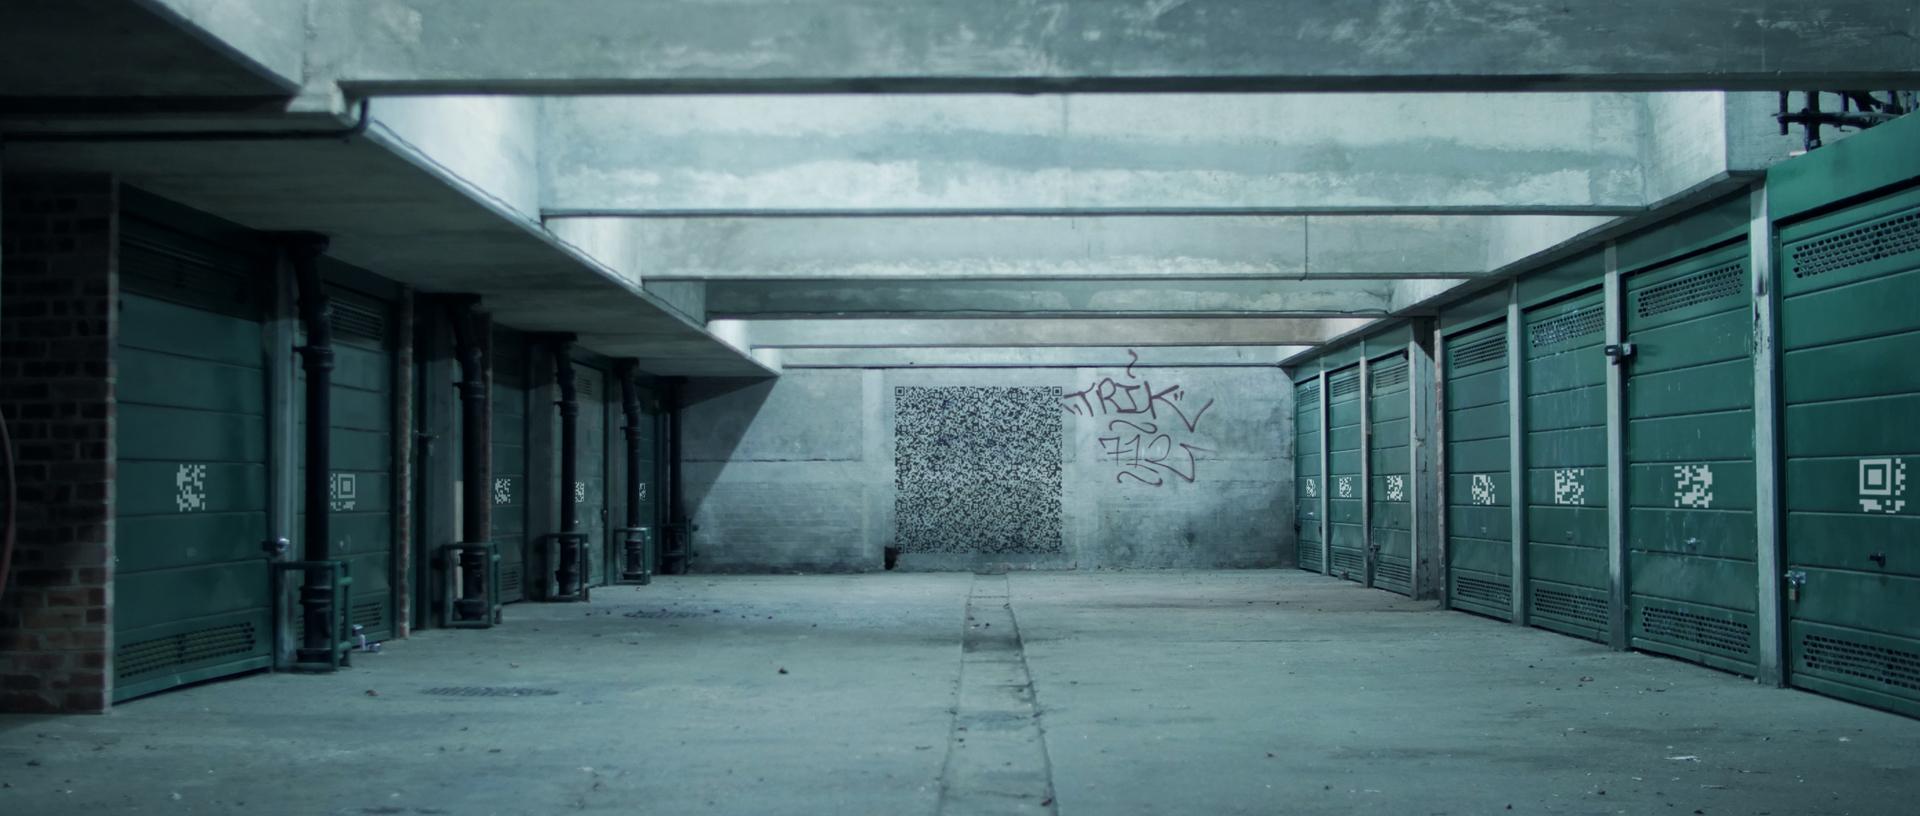 02_Empty City 3